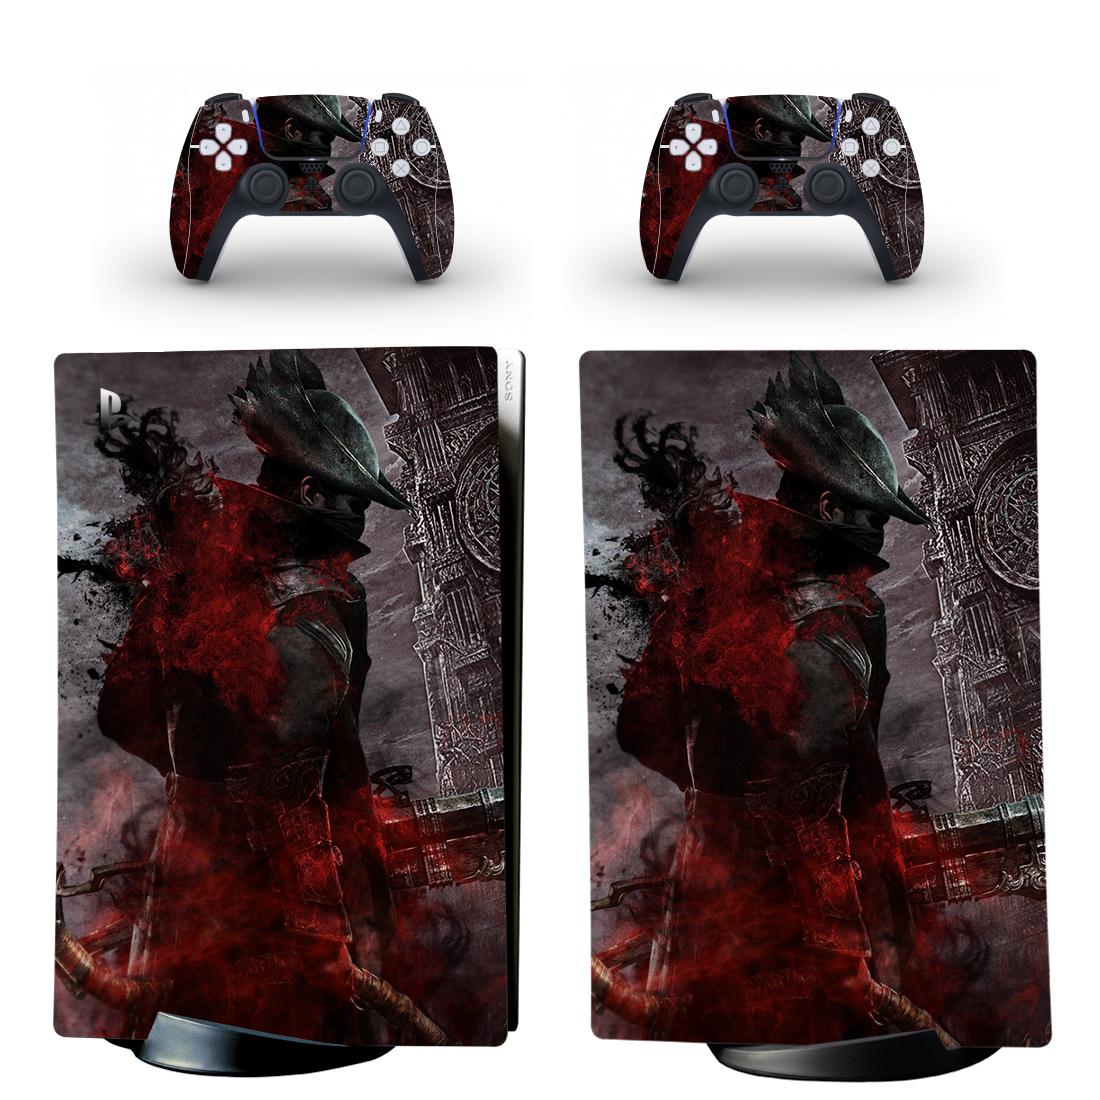 Bloodborne PS5 Digital Edition Skin Sticker Decal Design 1